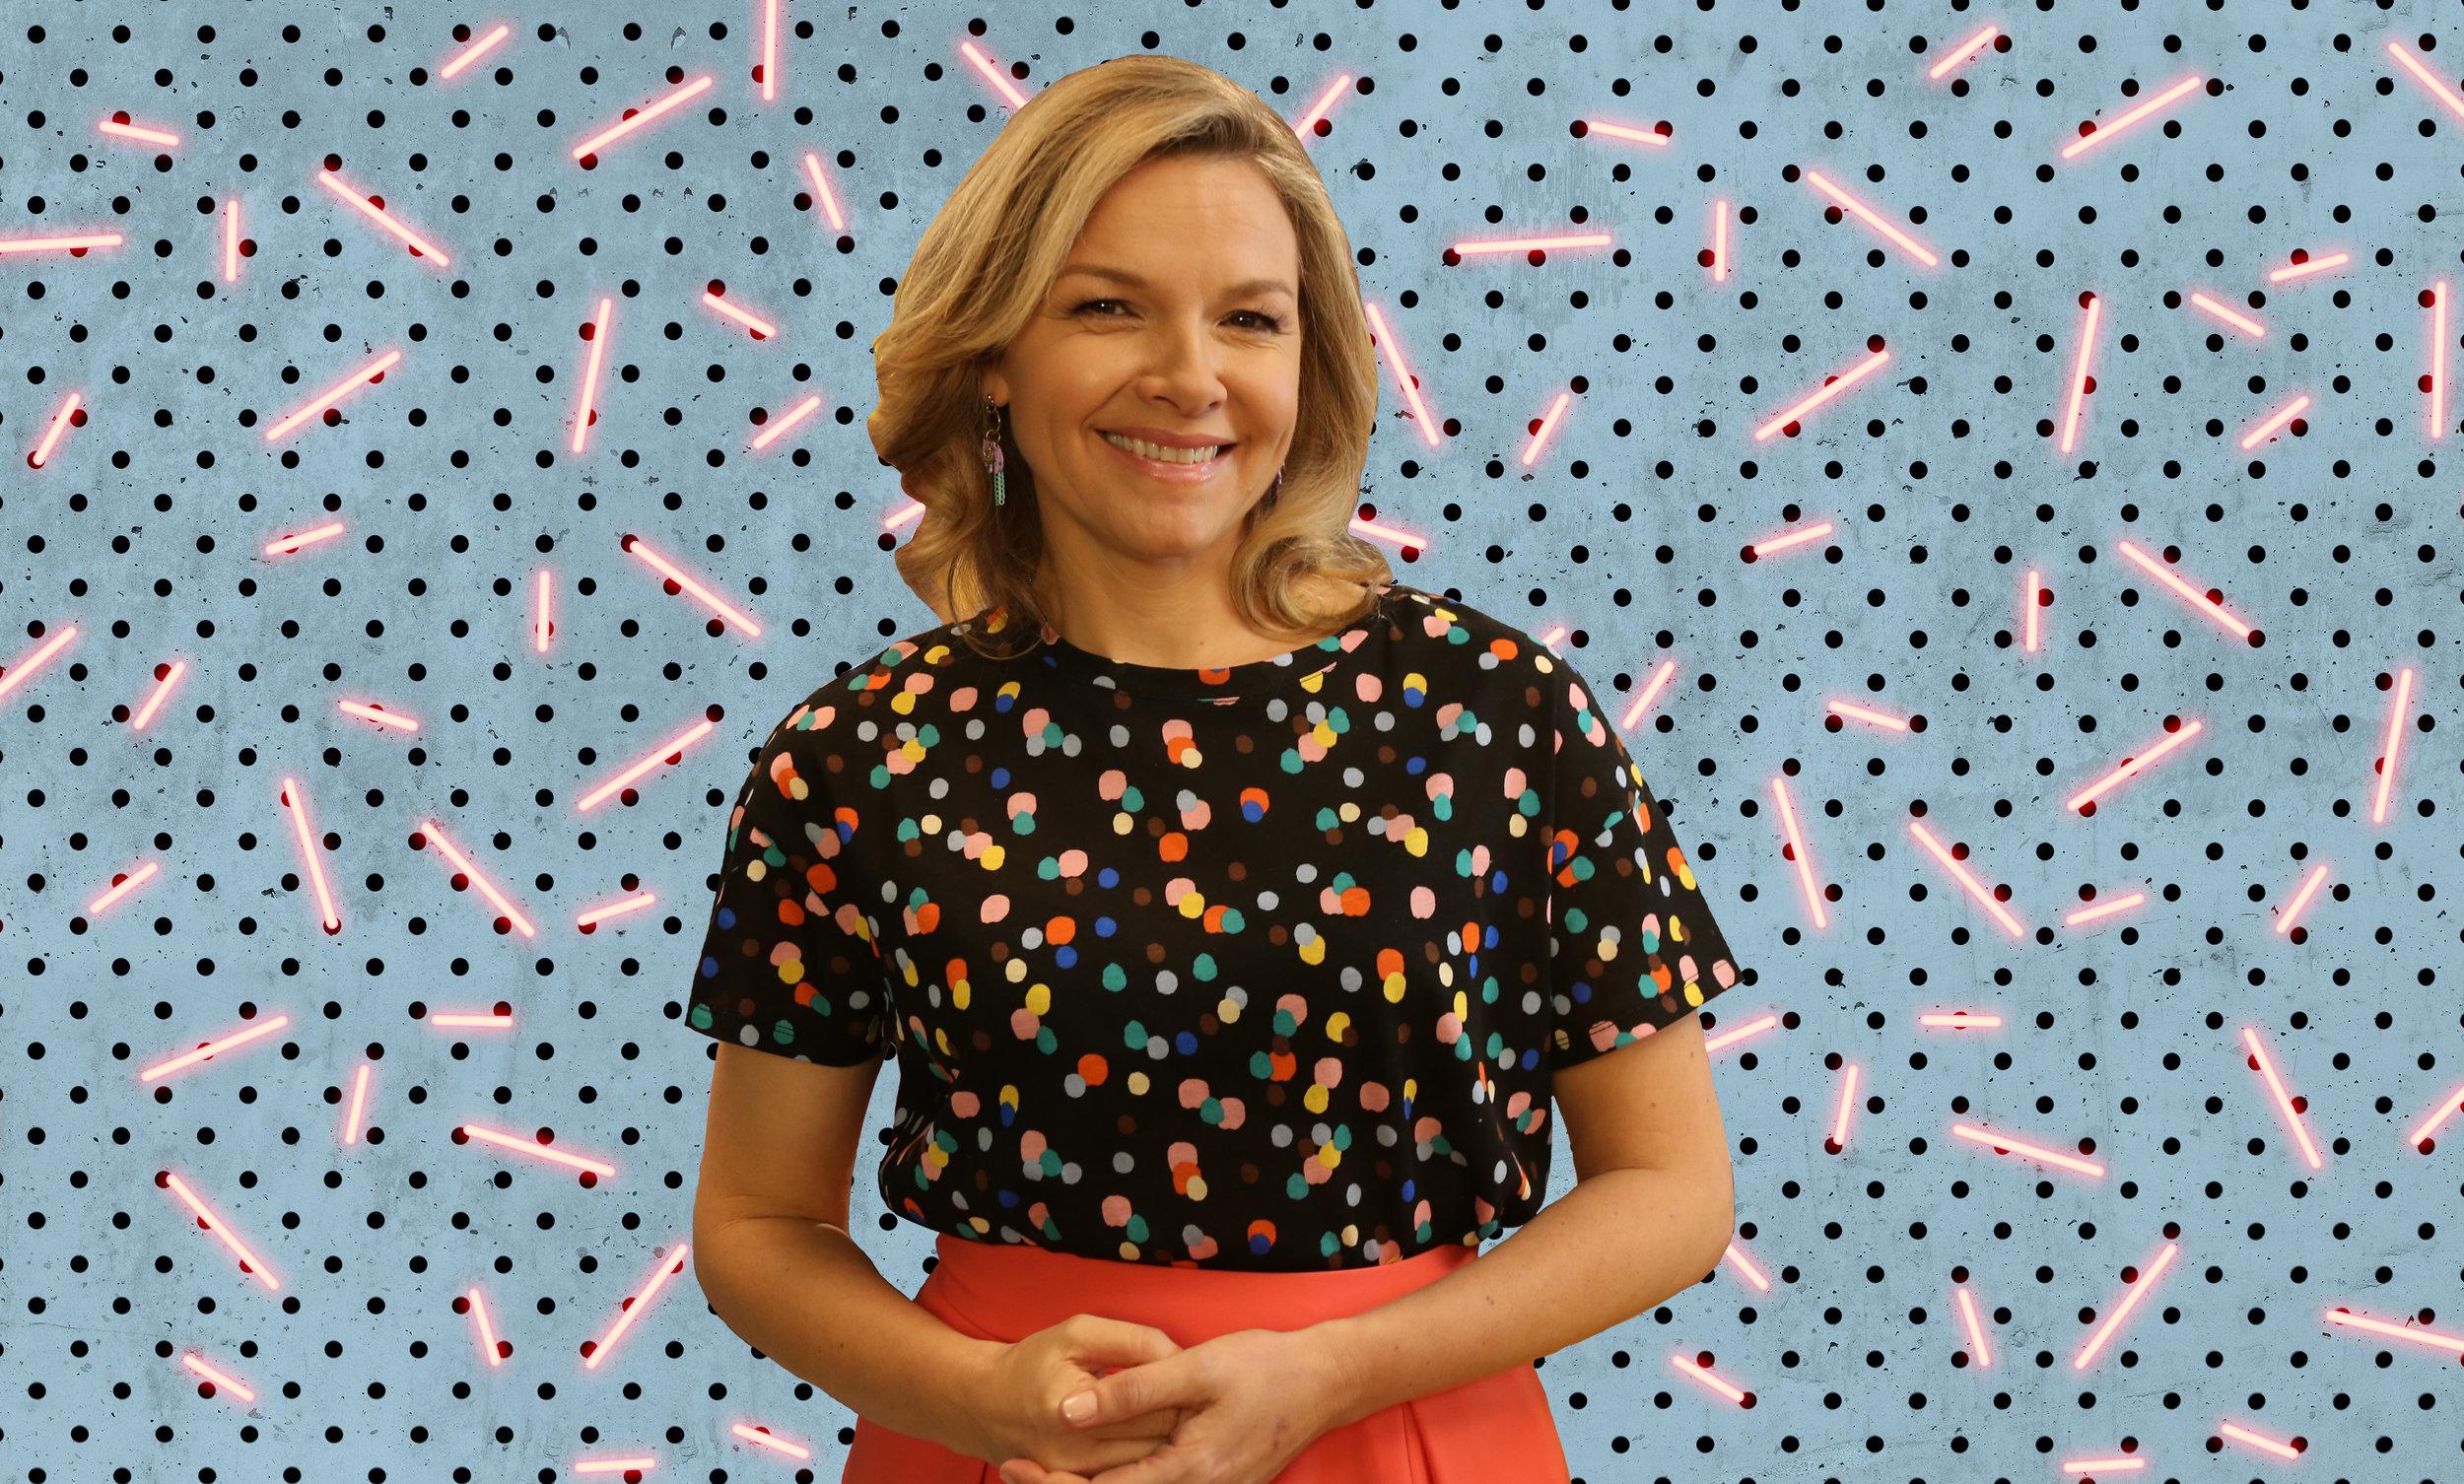 Justine pegboard 4.jpg